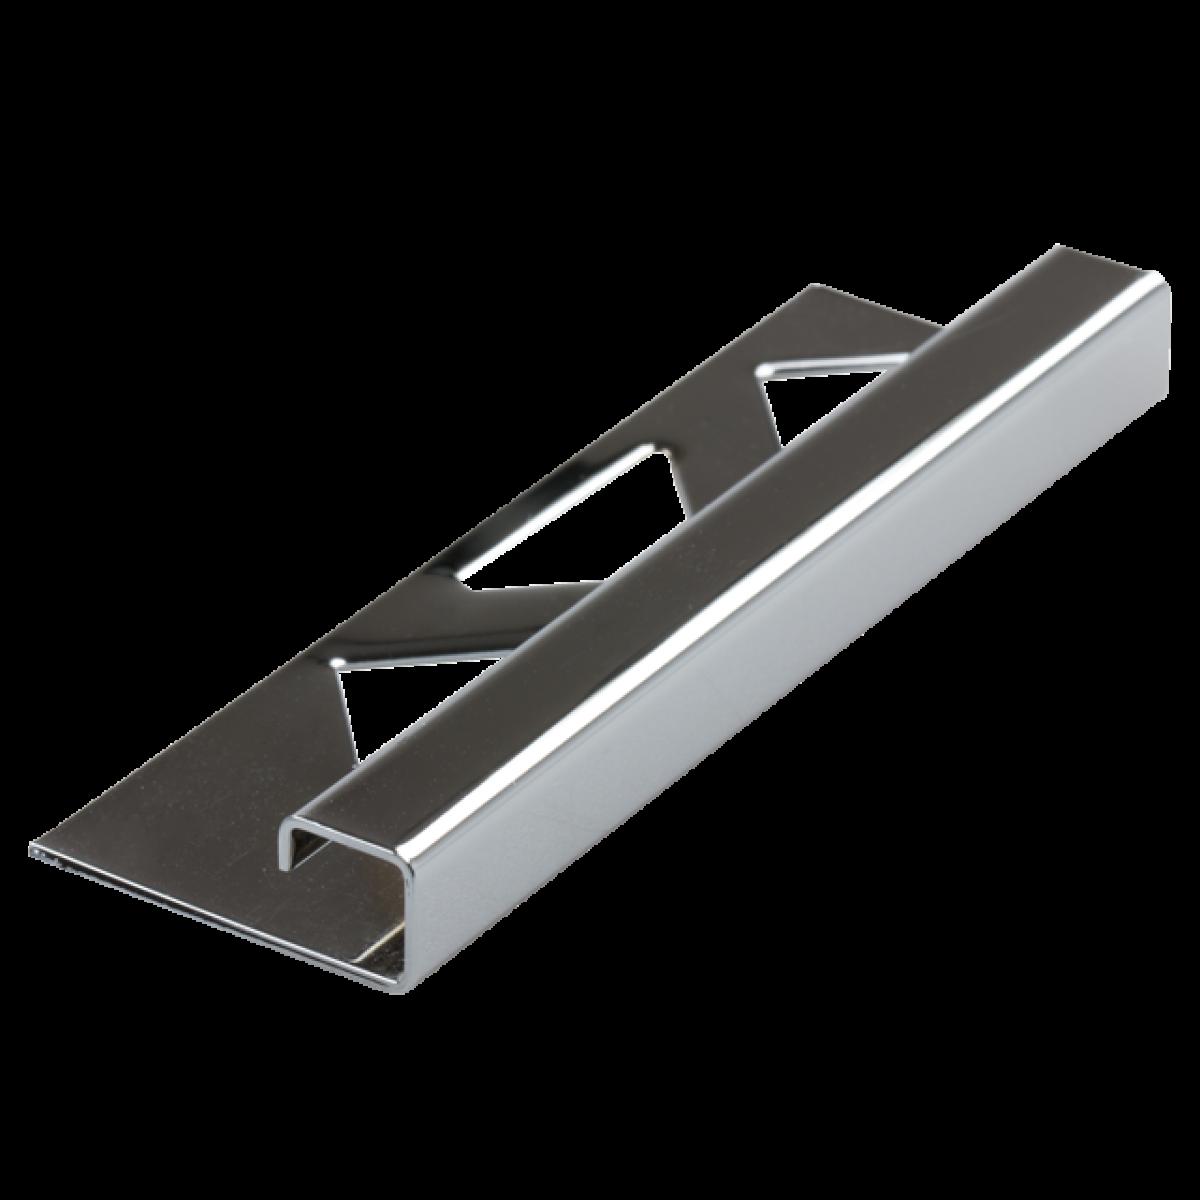 Edelstahl-Fliesenschiene - quadratisch FEQ-S 80 à  2,50 m  >>V4A<<